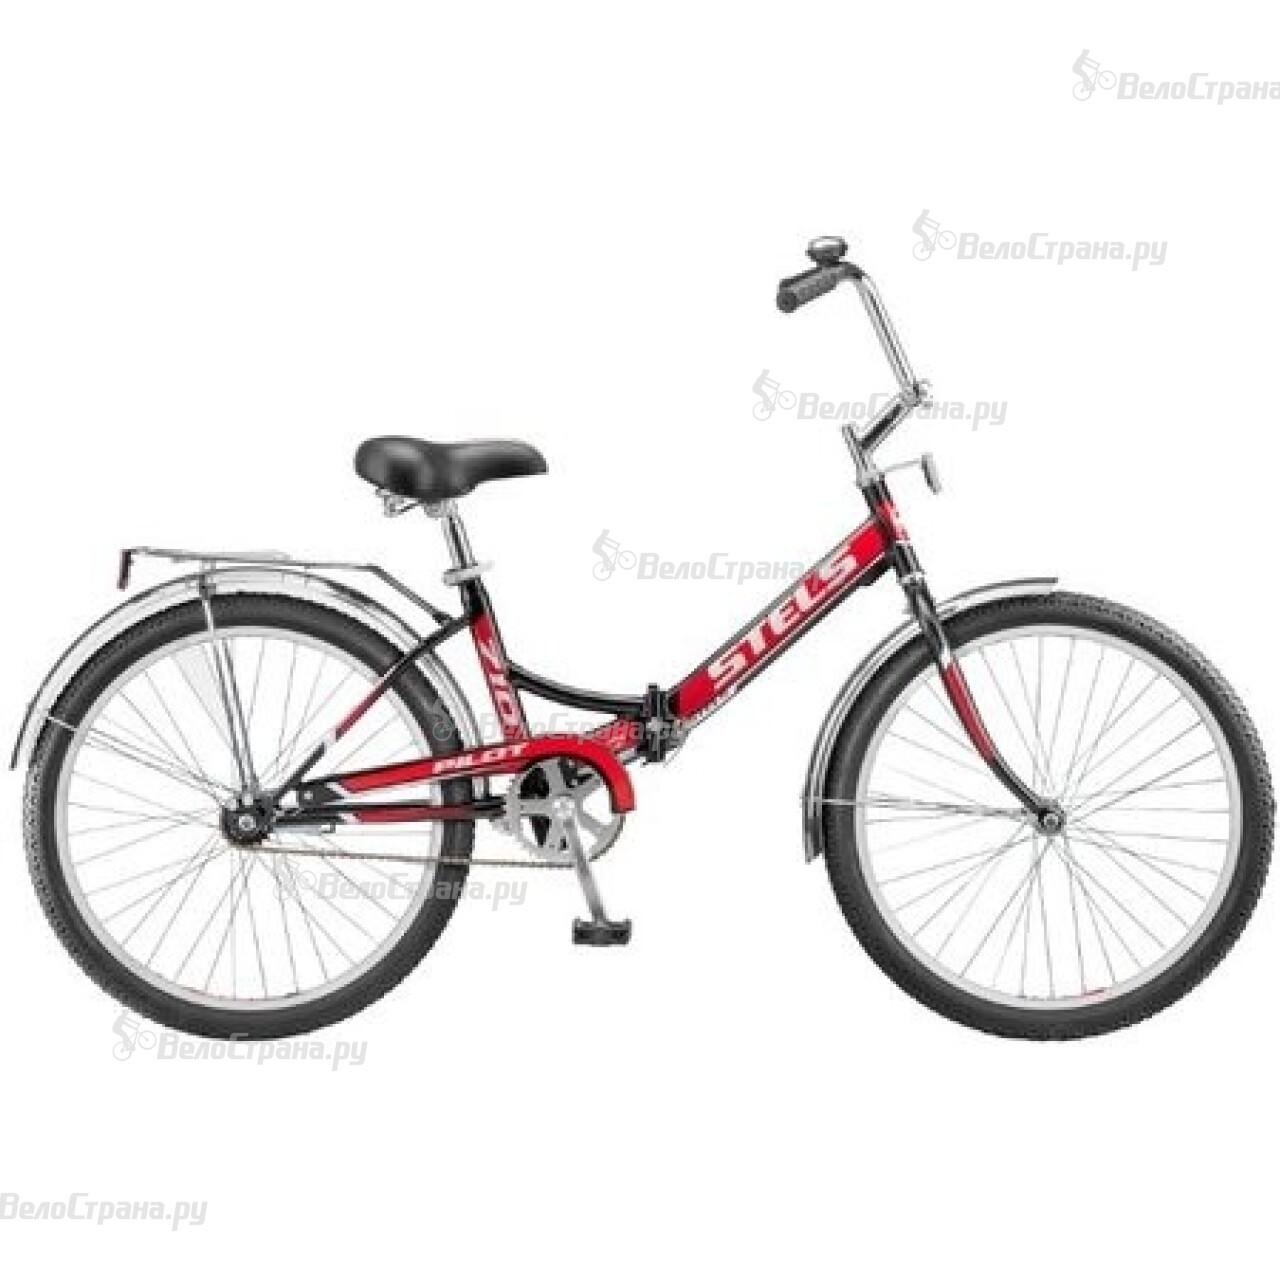 Велосипед Stels Pilot 710 (2015) велосипед stels pilot 410 2015